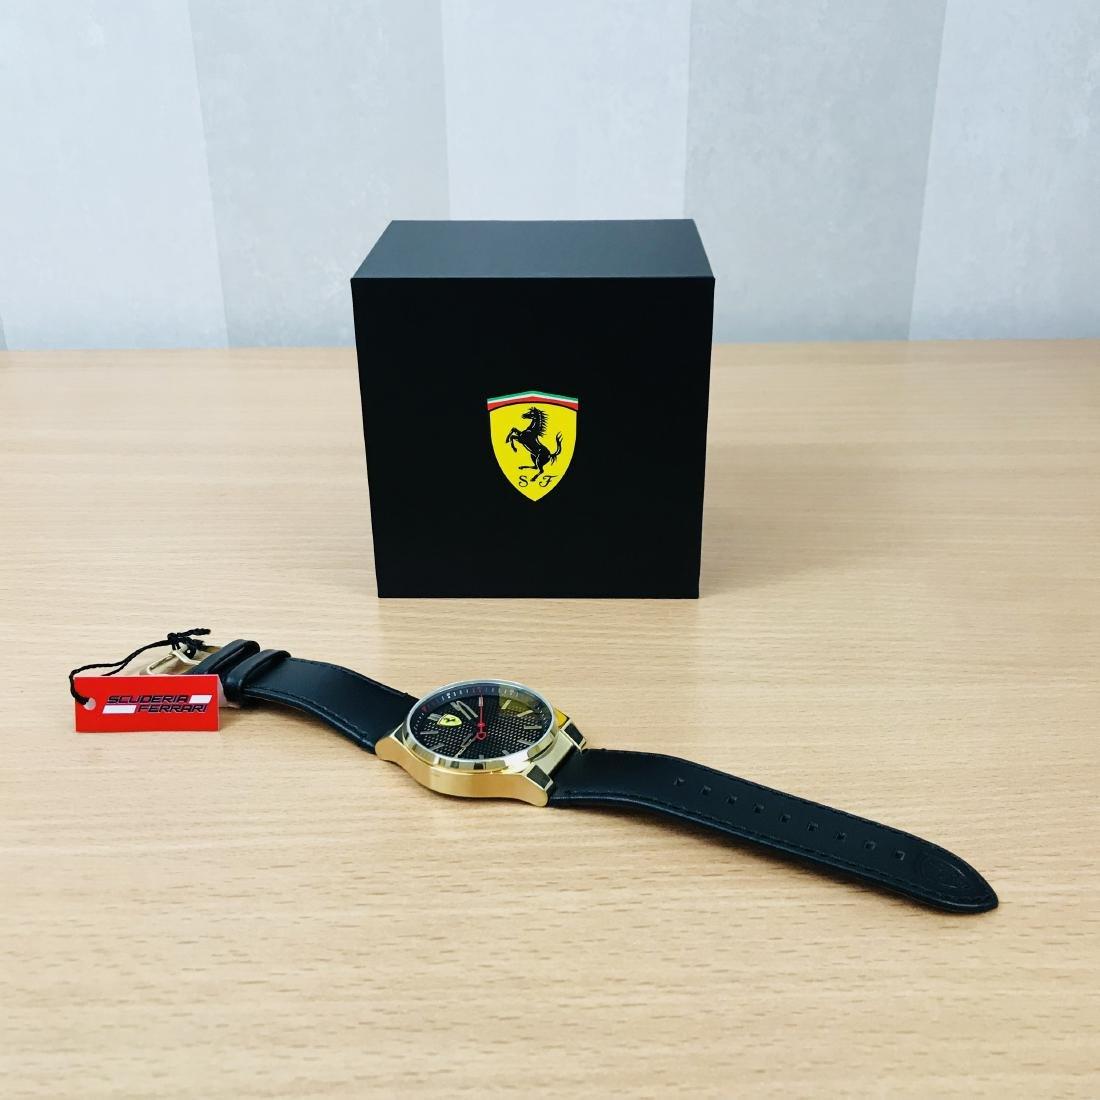 Scuderia Ferrari – SPECIALE Men's Gold Plated Watch - 10